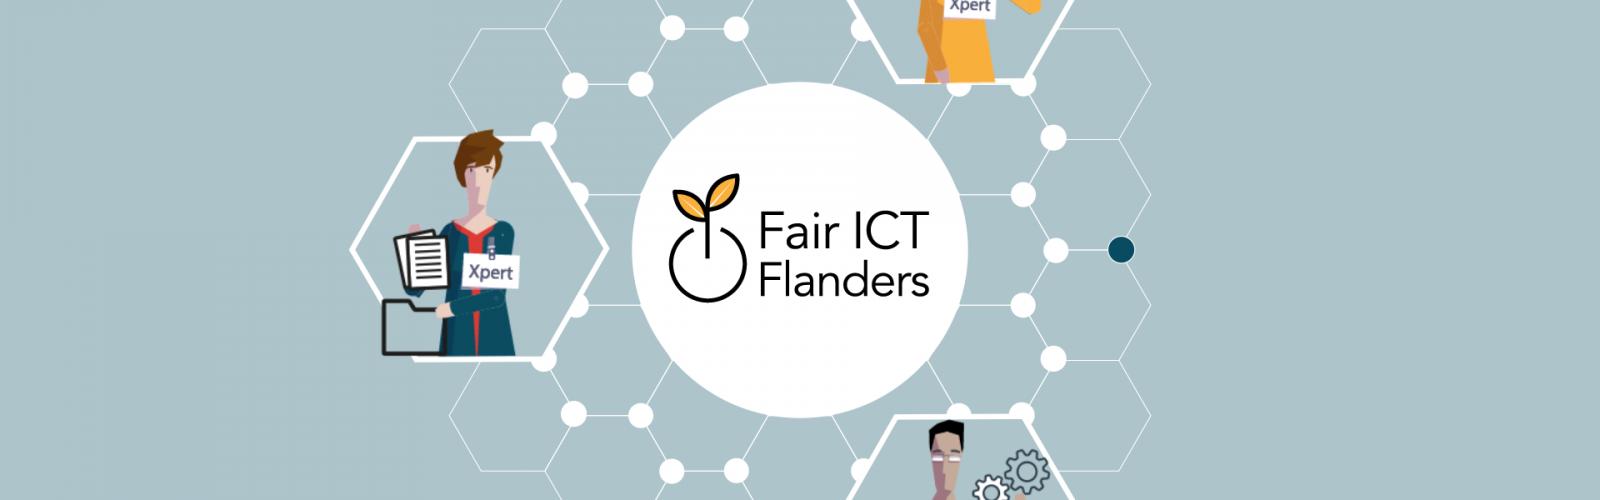 campagnebeeld fair ict flanders